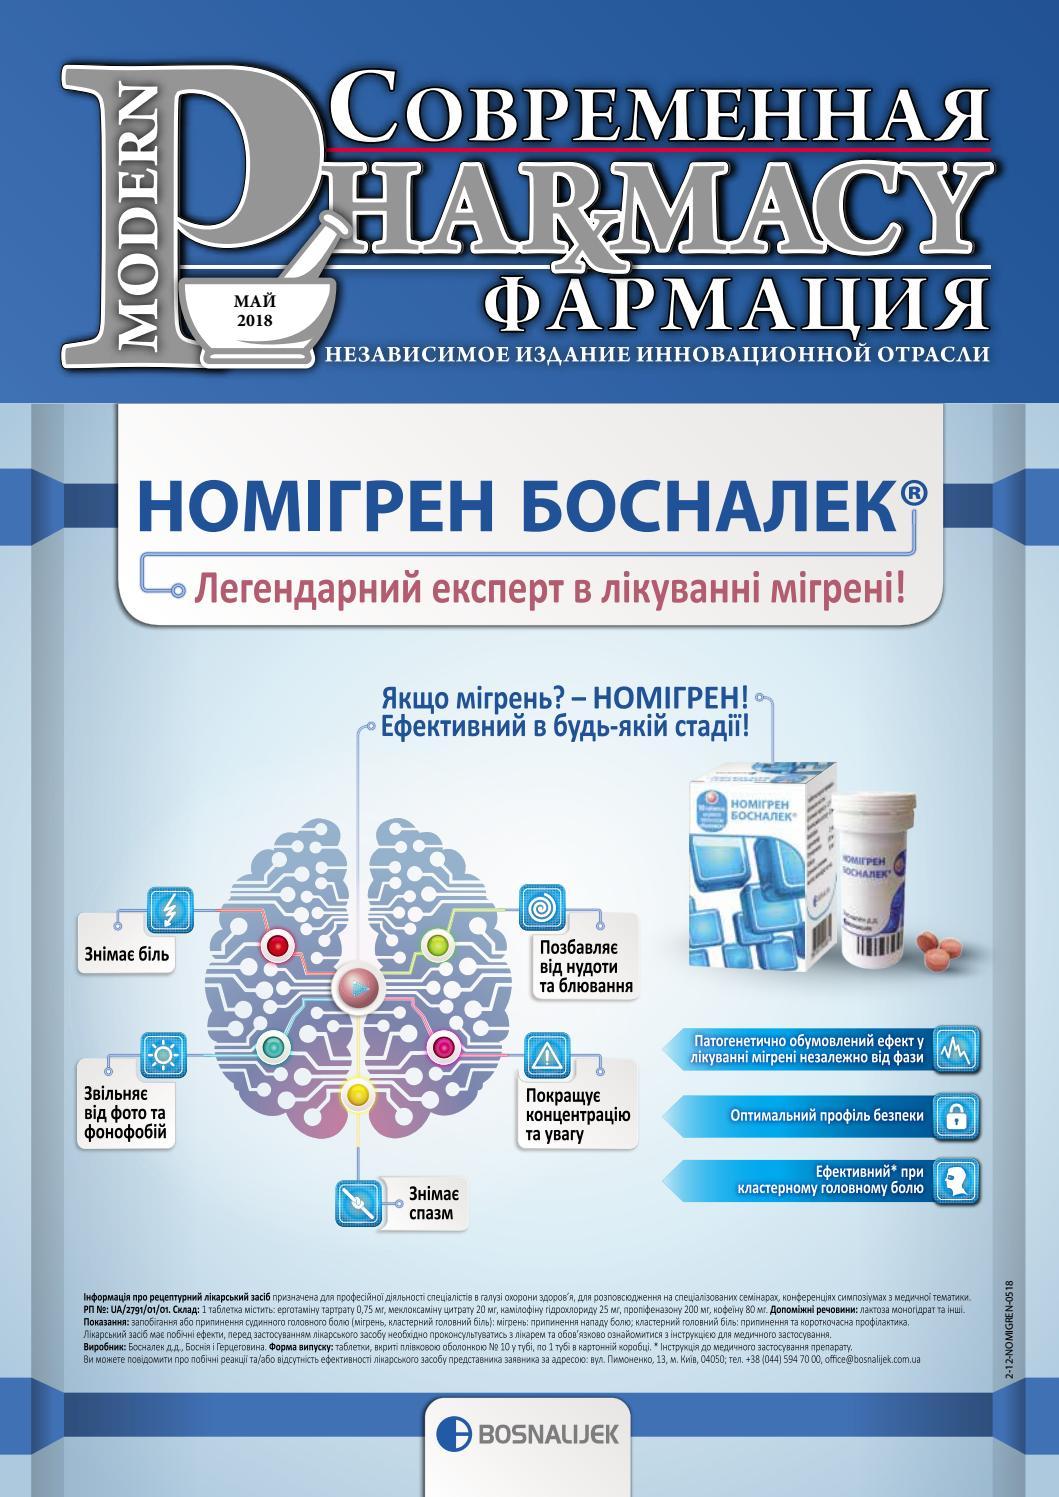 таблетки для похудения эффективные в аптеках эцп